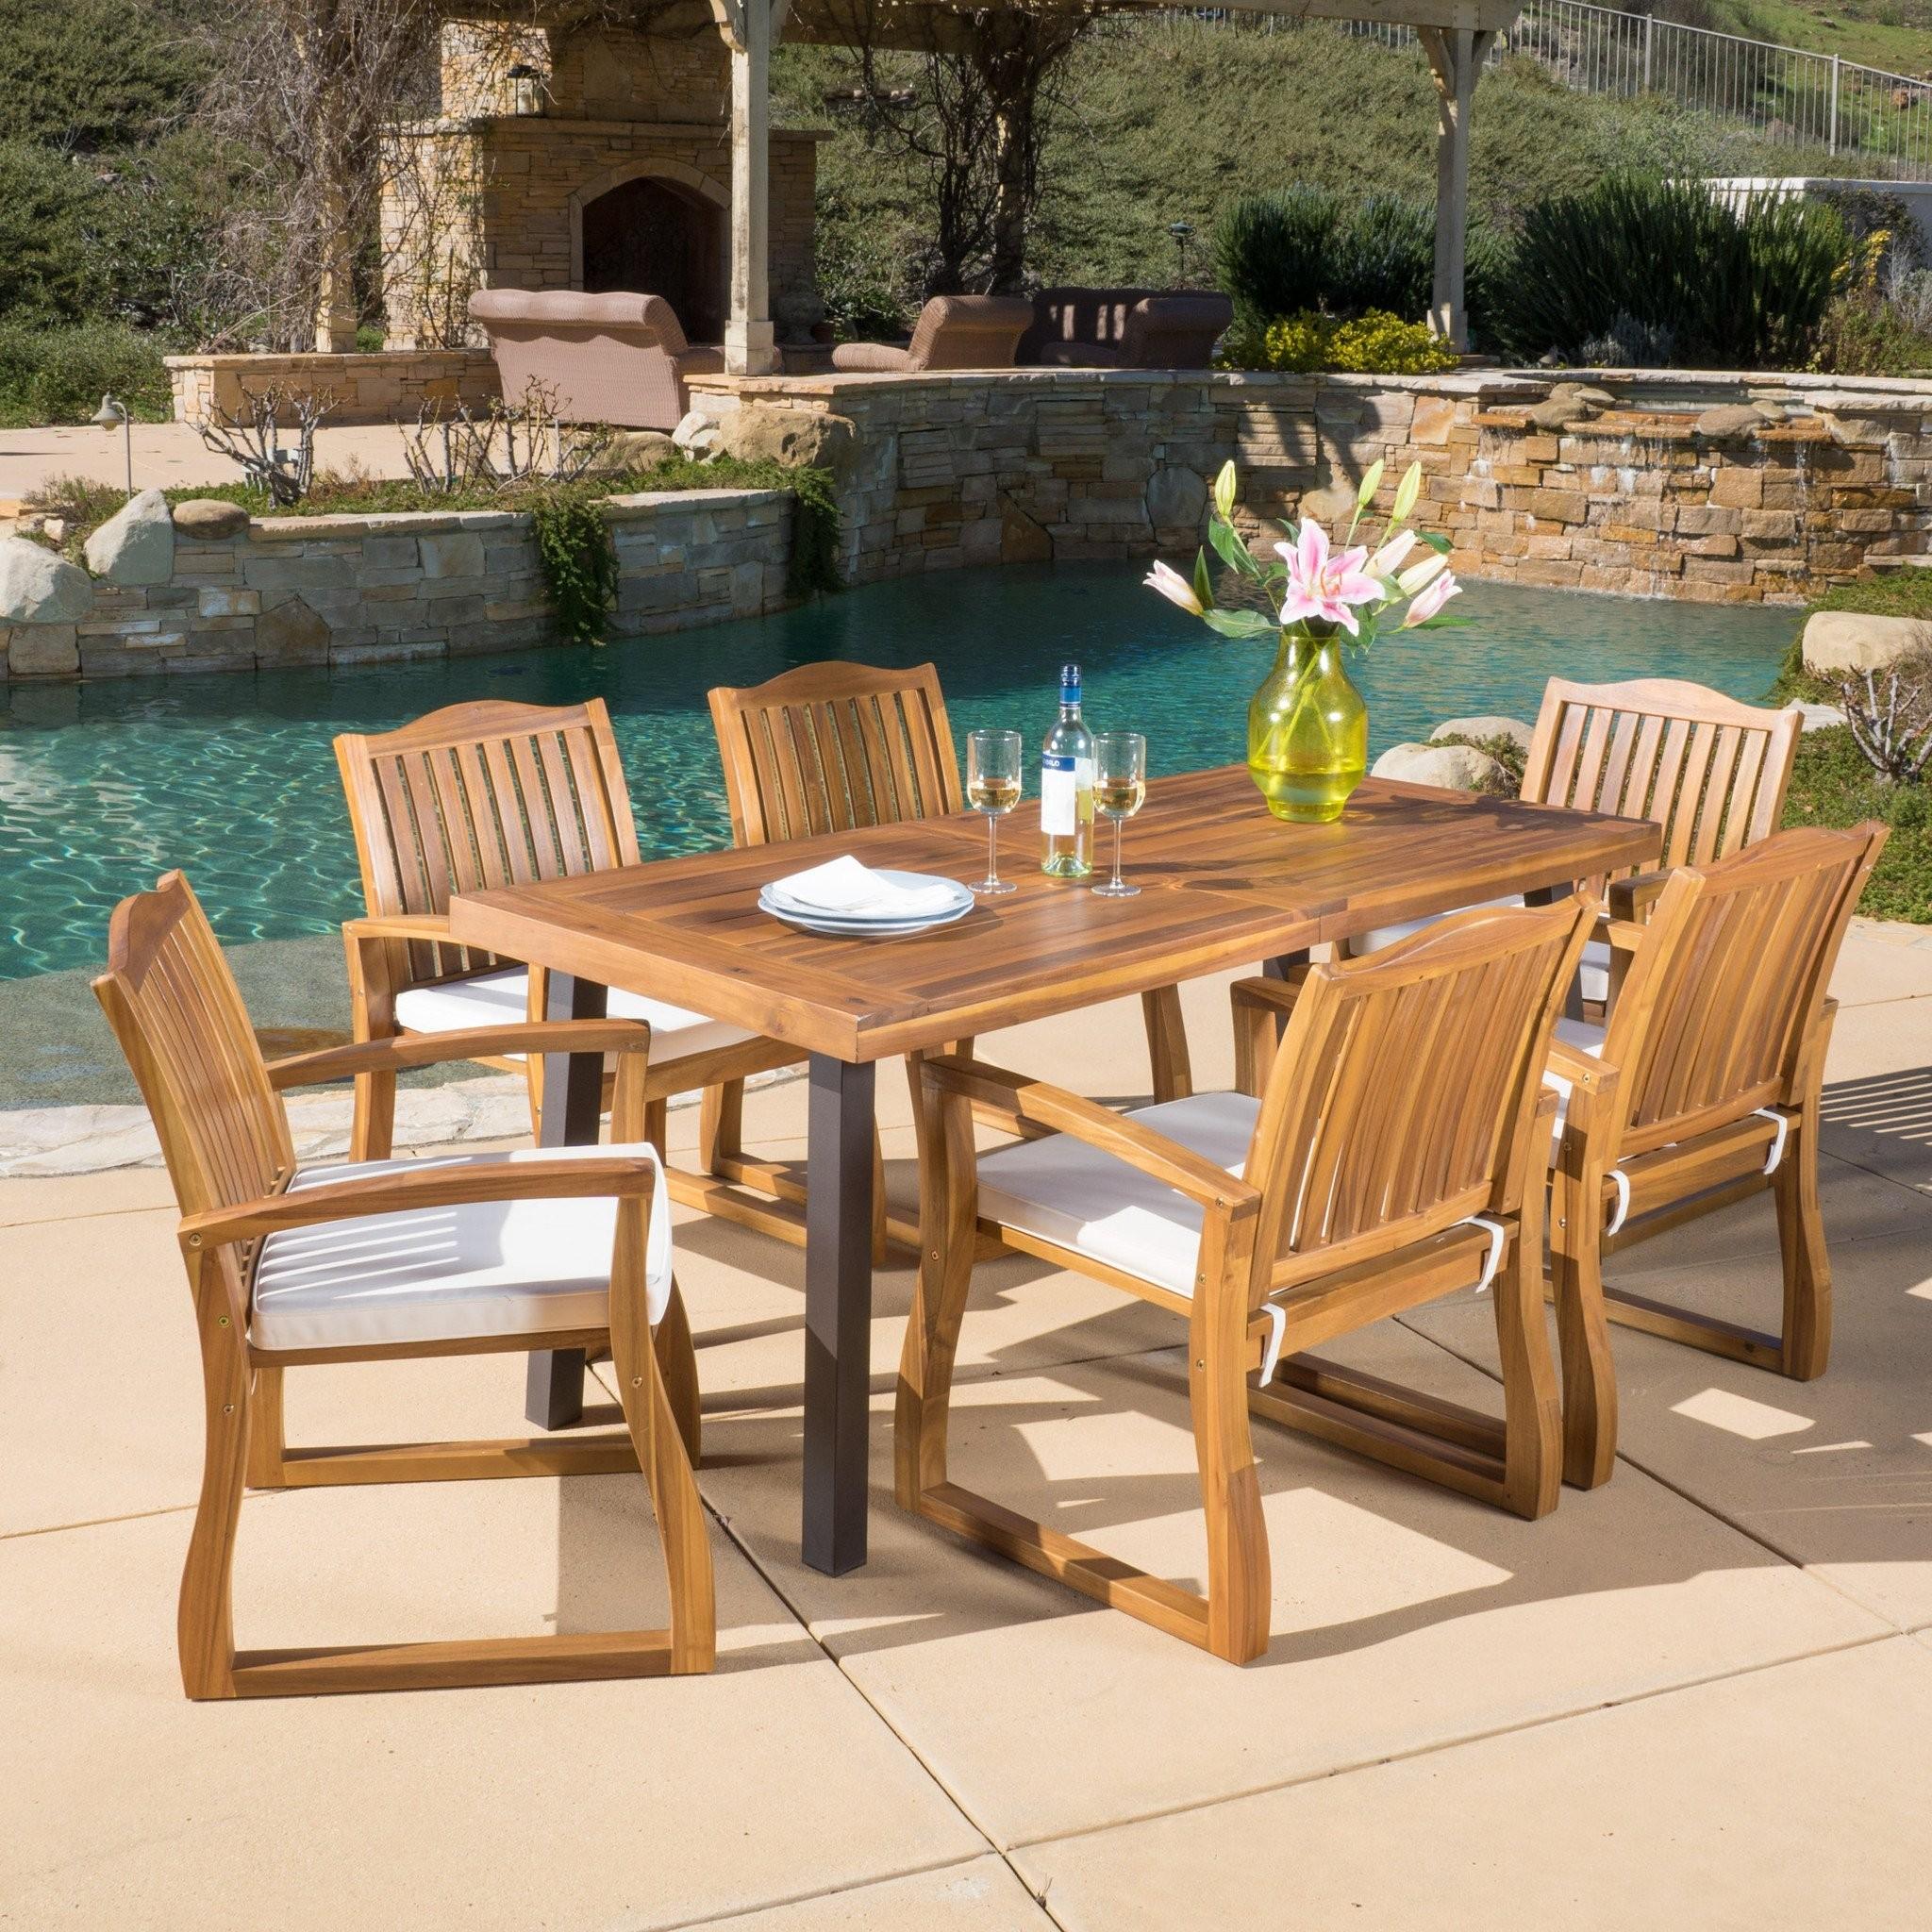 Vilamari Outdoor 7-piece Wood Dining Set with Cush...